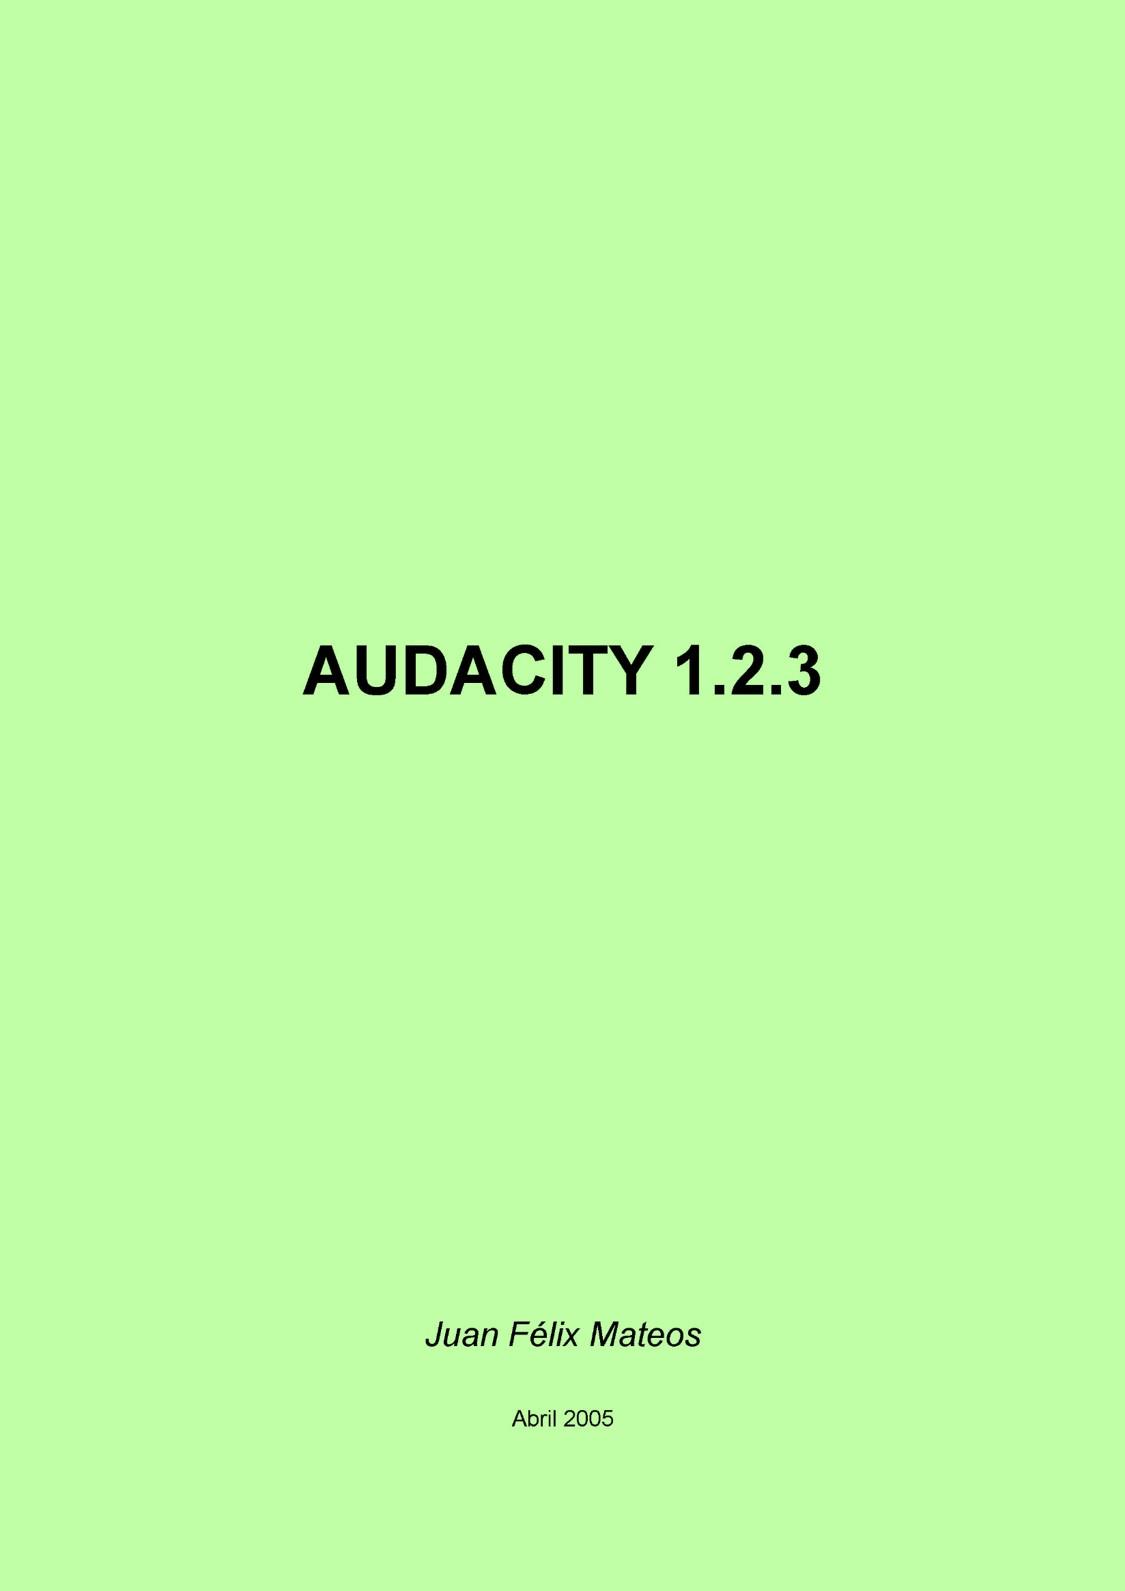 Audacity v.1.2.3